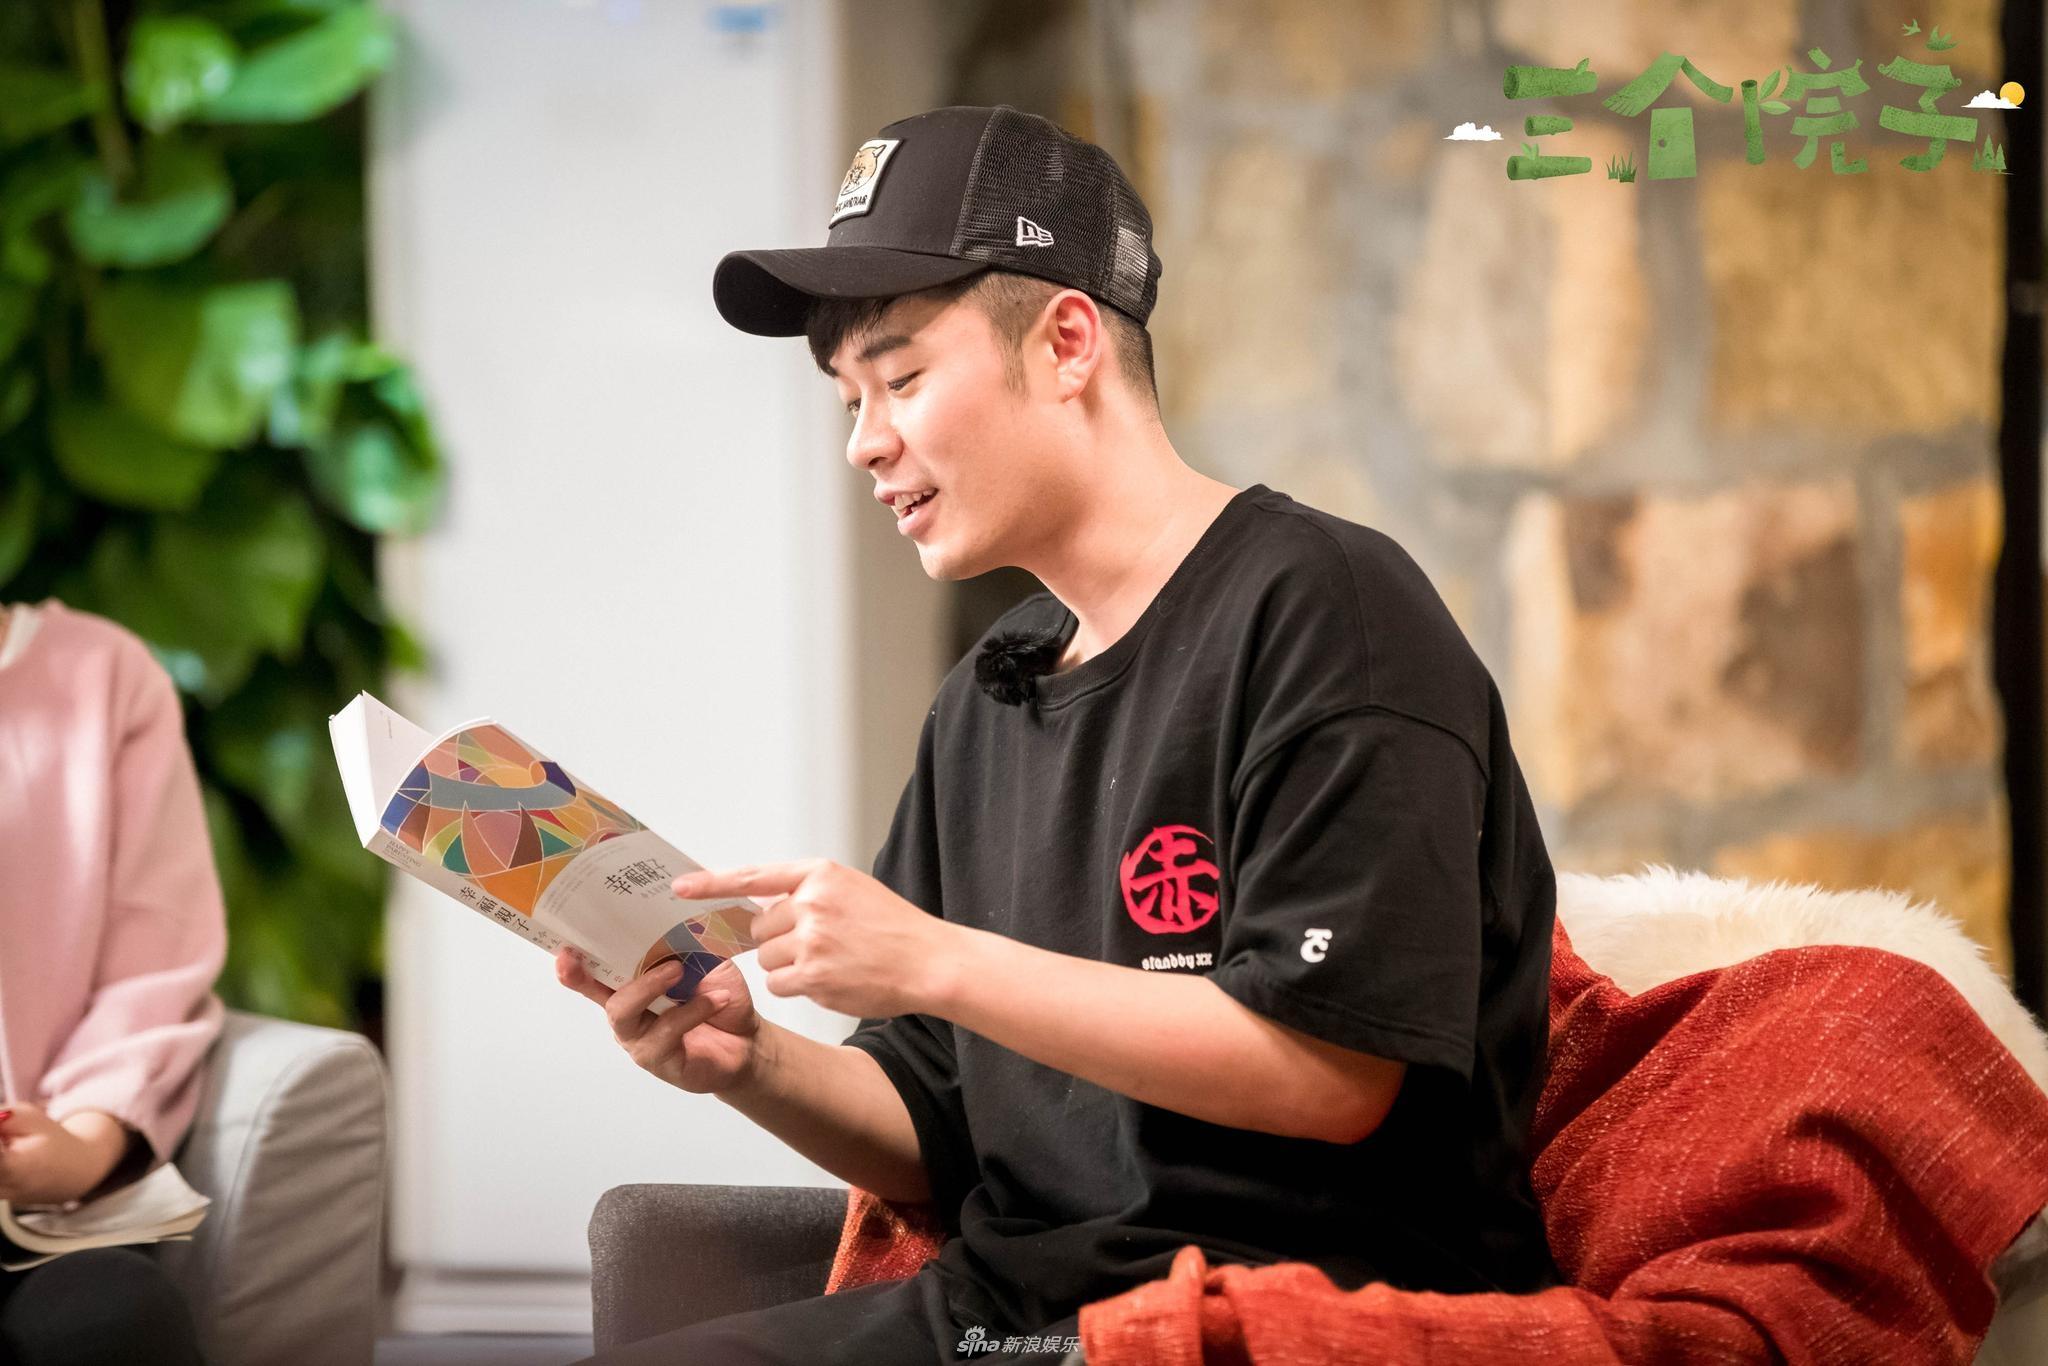 《三个院子》陈赫为孩子读诗满脸温柔 林更新感动眼眶湿润